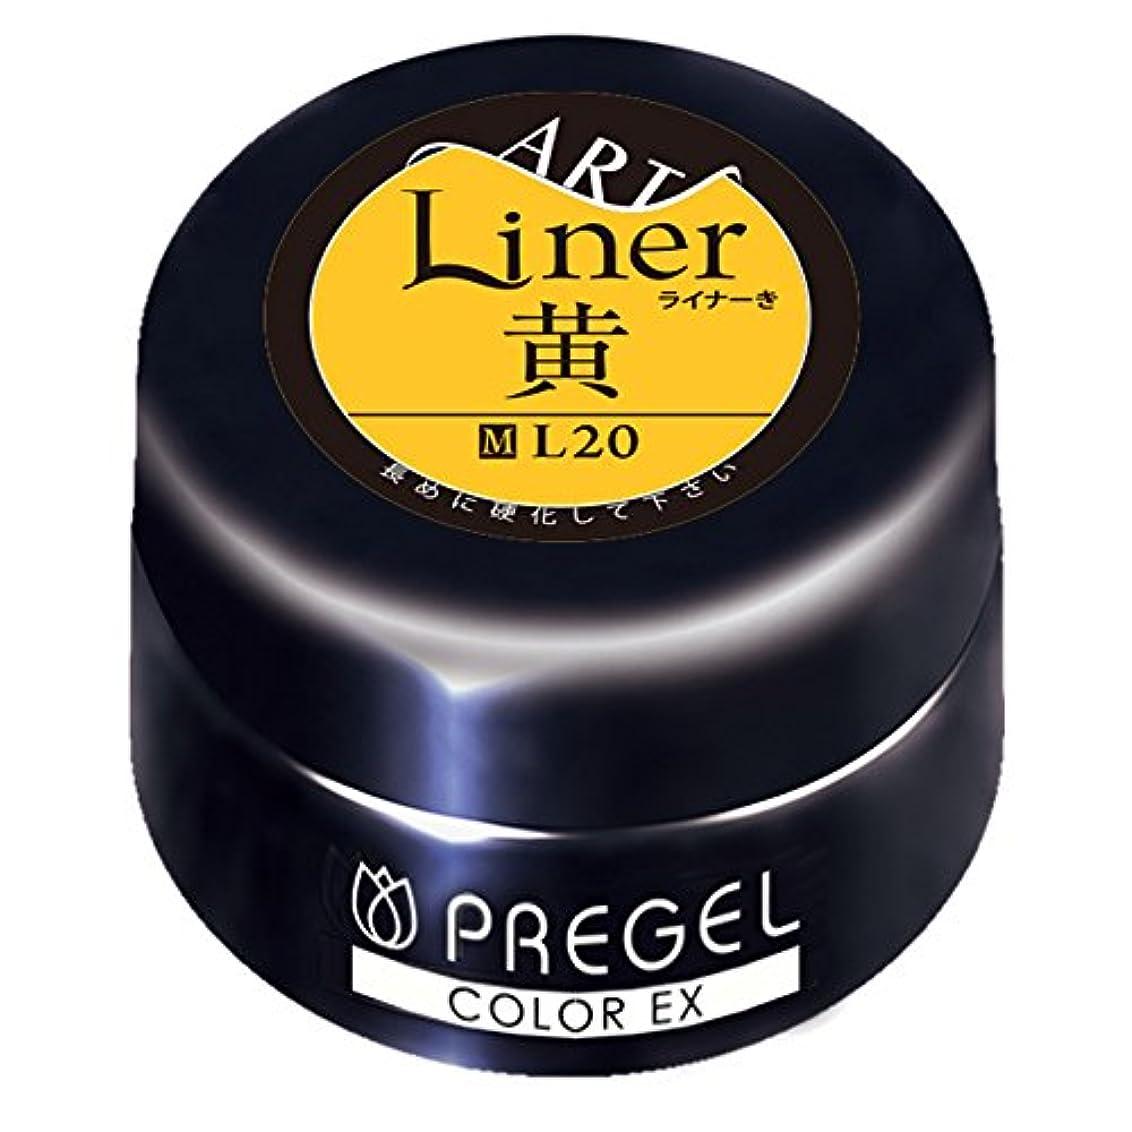 分子ブリリアントビスケットPRE GEL カラーEX ライナー黄 3g PG-CEL20 UV/LED対応